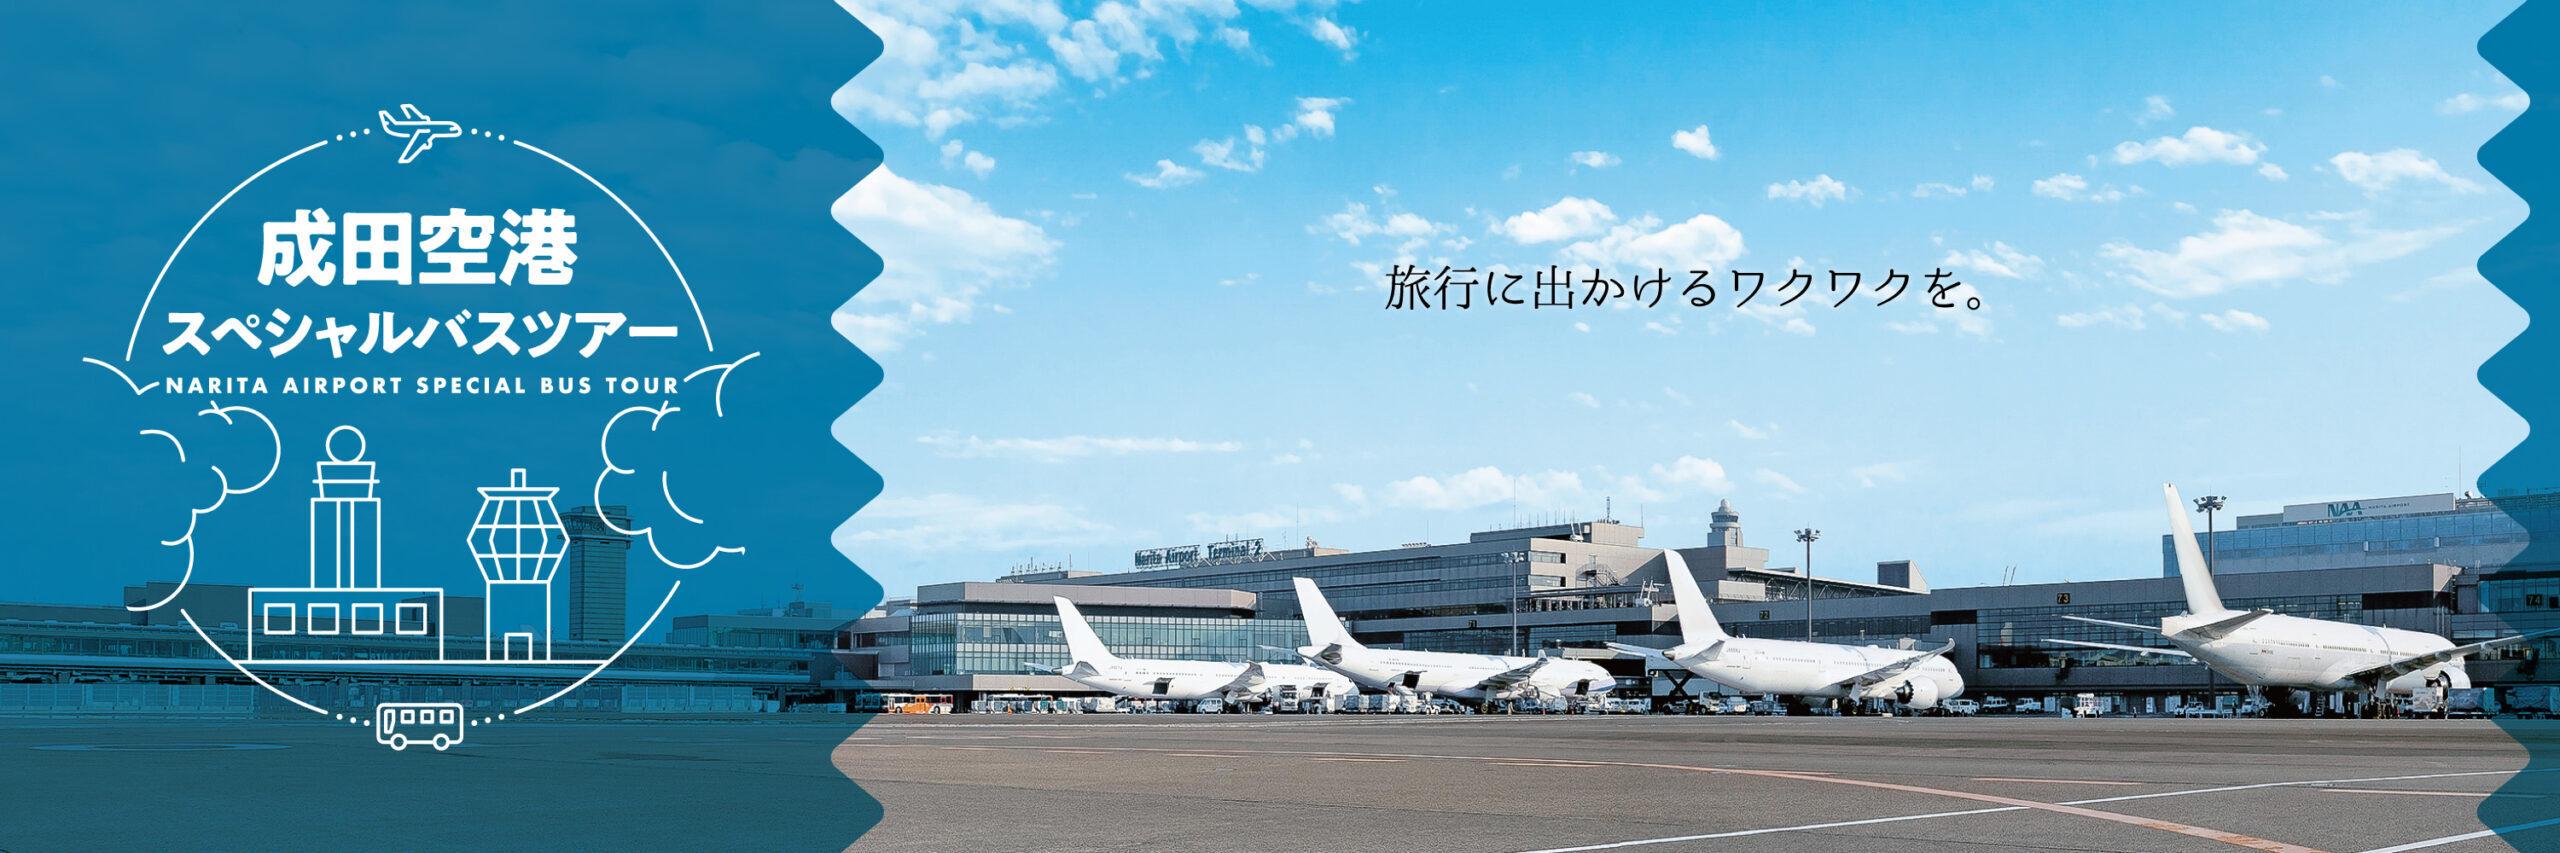 成田空港スペシャルバスツアー